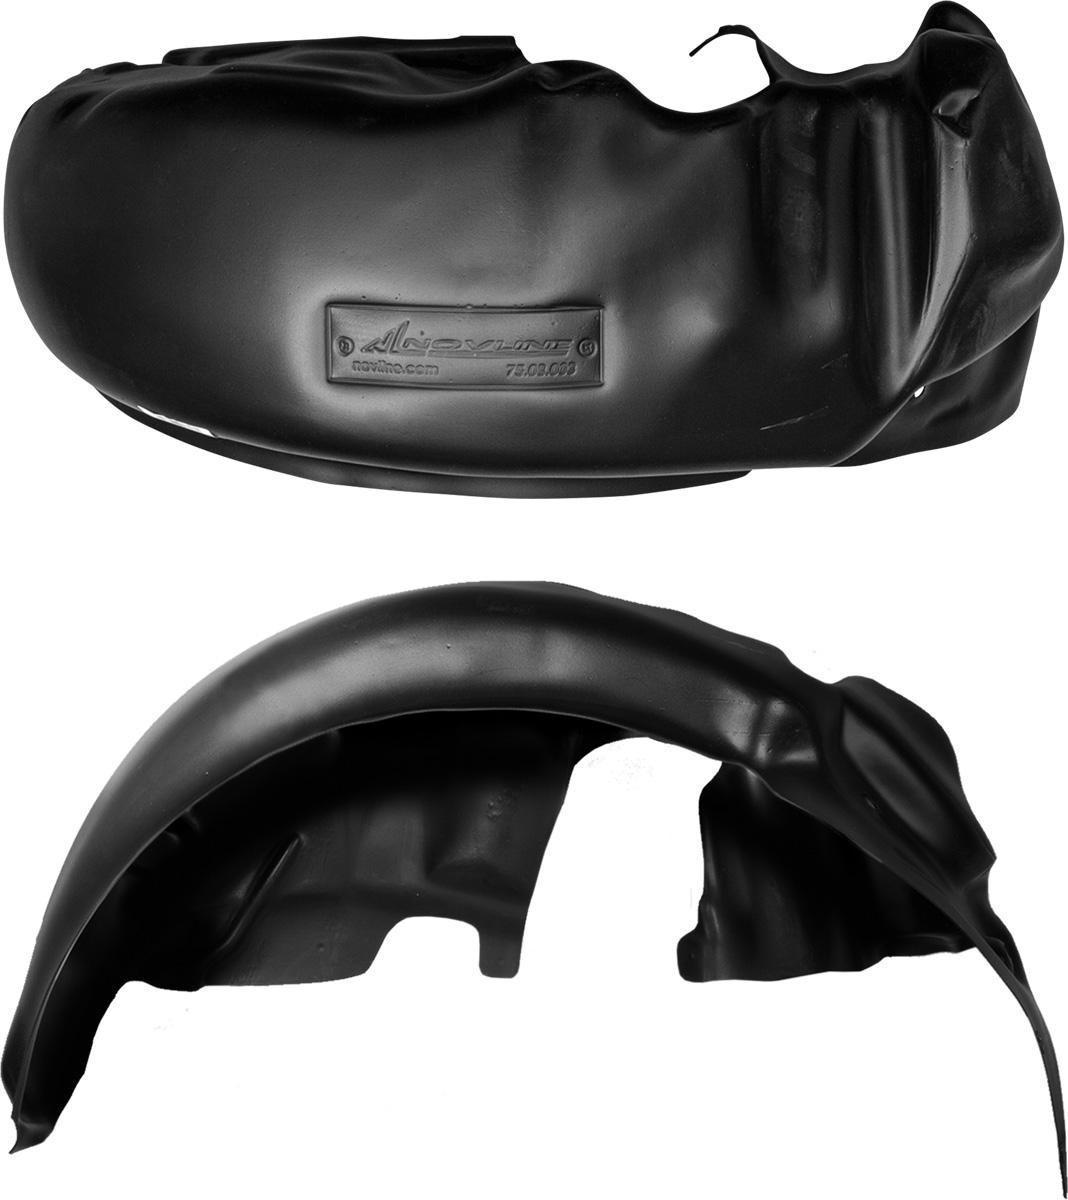 Подкрылок Novline-Autofamily, для Mazda CX-5, 2012-2015, задний правыйBI.MA.09.004Колесные ниши - одни из самых уязвимых зон днища вашего автомобиля. Они постоянно подвергаются воздействию со стороны дороги. Лучшая, почти абсолютная защита для них - специально отформованные пластиковые кожухи, которые называются подкрылками. Производятся они как для отечественных моделей автомобилей, так и для иномарок. Подкрылки Novline-Autofamily выполнены из высококачественного, экологически чистого пластика. Обеспечивают надежную защиту кузова автомобиля от пескоструйного эффекта и негативного влияния, агрессивных антигололедных реагентов. Пластик обладает более низкой теплопроводностью, чем металл, поэтому в зимний период эксплуатации использование пластиковых подкрылков позволяет лучше защитить колесные ниши от налипания снега и образования наледи. Оригинальность конструкции подчеркивает элегантность автомобиля, бережно защищает нанесенное на днище кузова антикоррозийное покрытие и позволяет осуществить крепление подкрылков внутри колесной арки практически без...